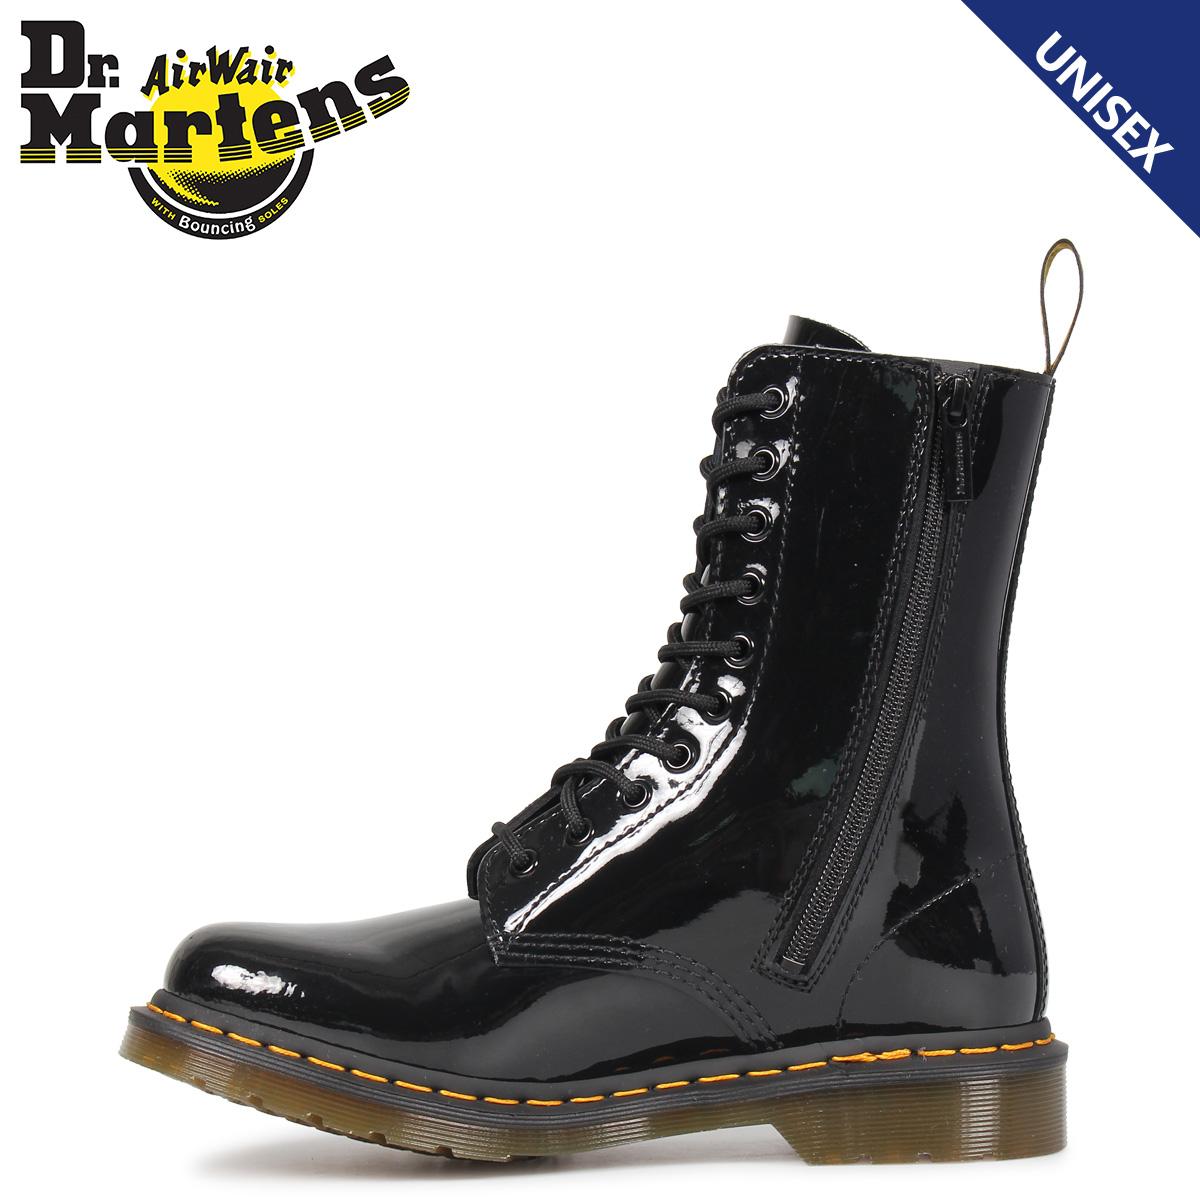 Dr.Martens ドクターマーチン 10ホール 1490 W ブーツ メンズ レディース PATENT LAMPER 10EYE BOOT ブラック 黒 R25277001